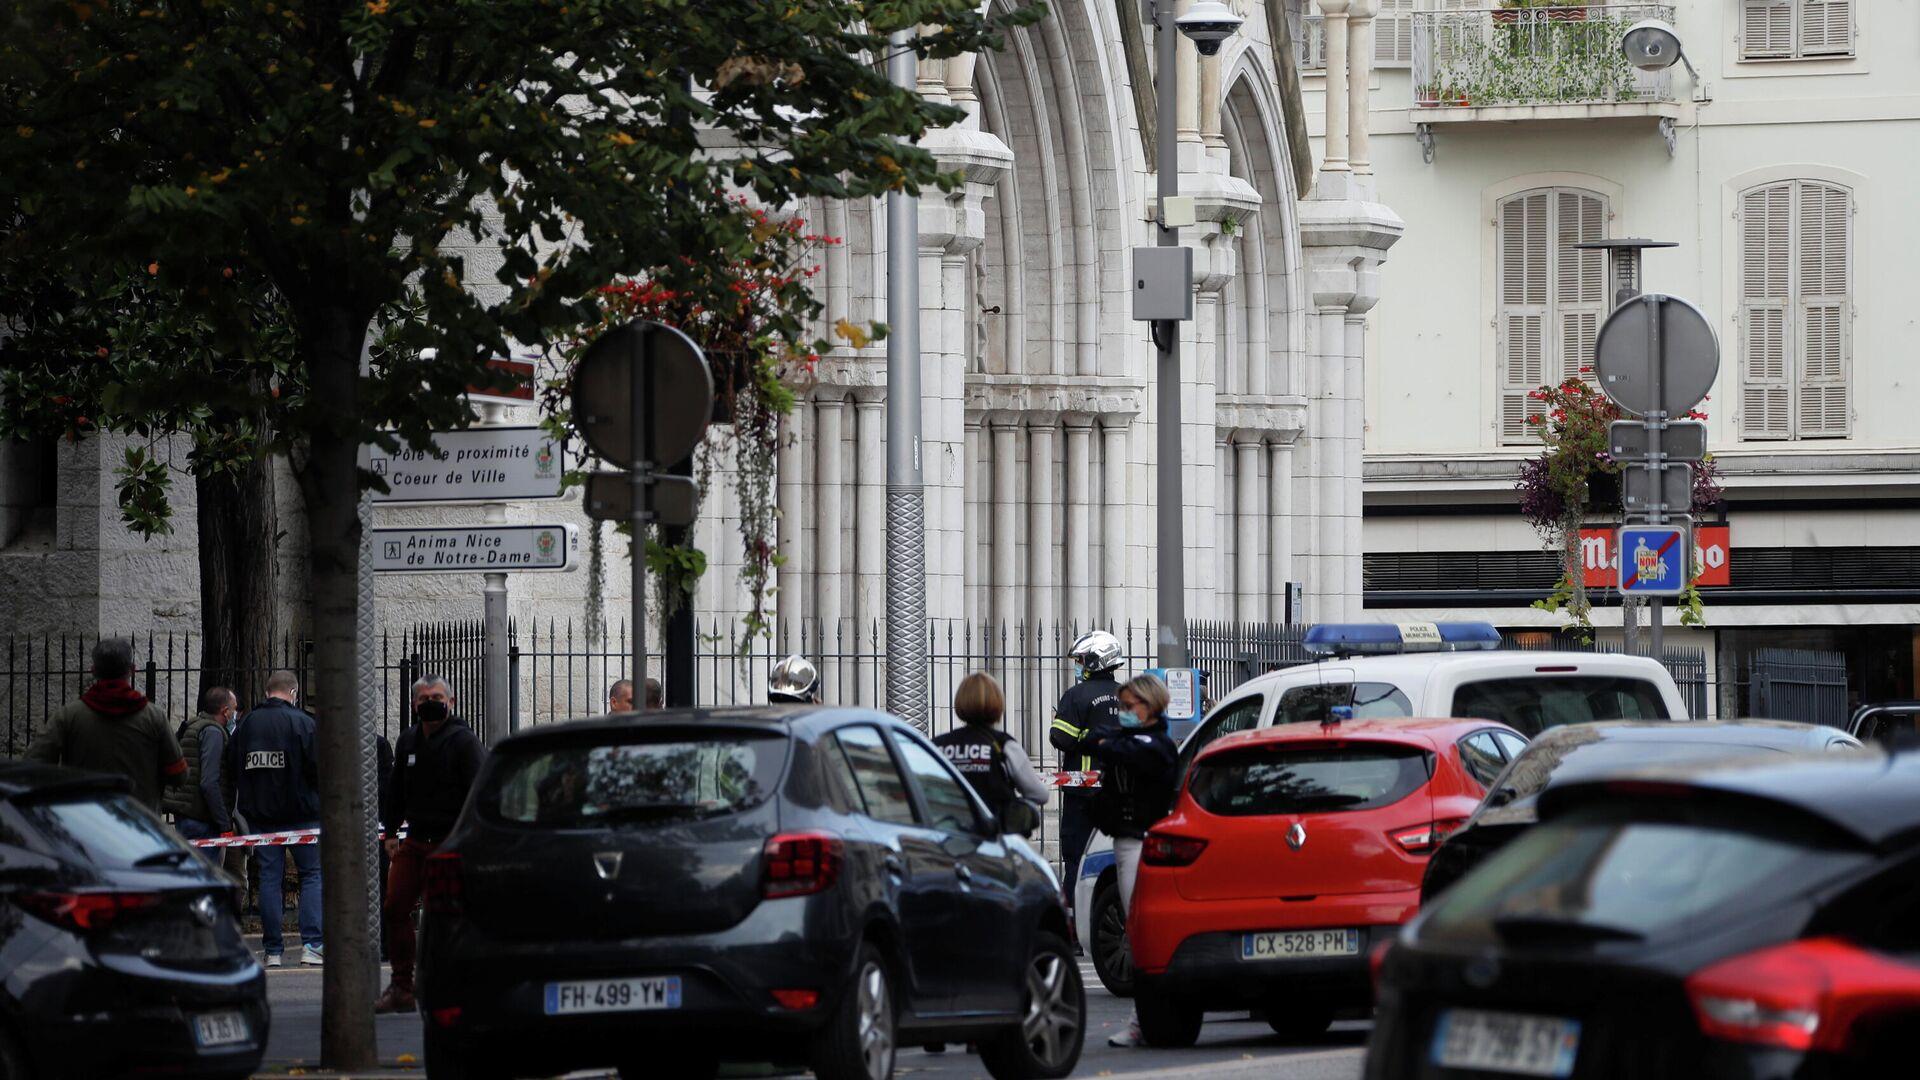 Полиция на месте нападения возле церкви Нотр-Дам в Ницце - РИА Новости, 1920, 29.10.2020